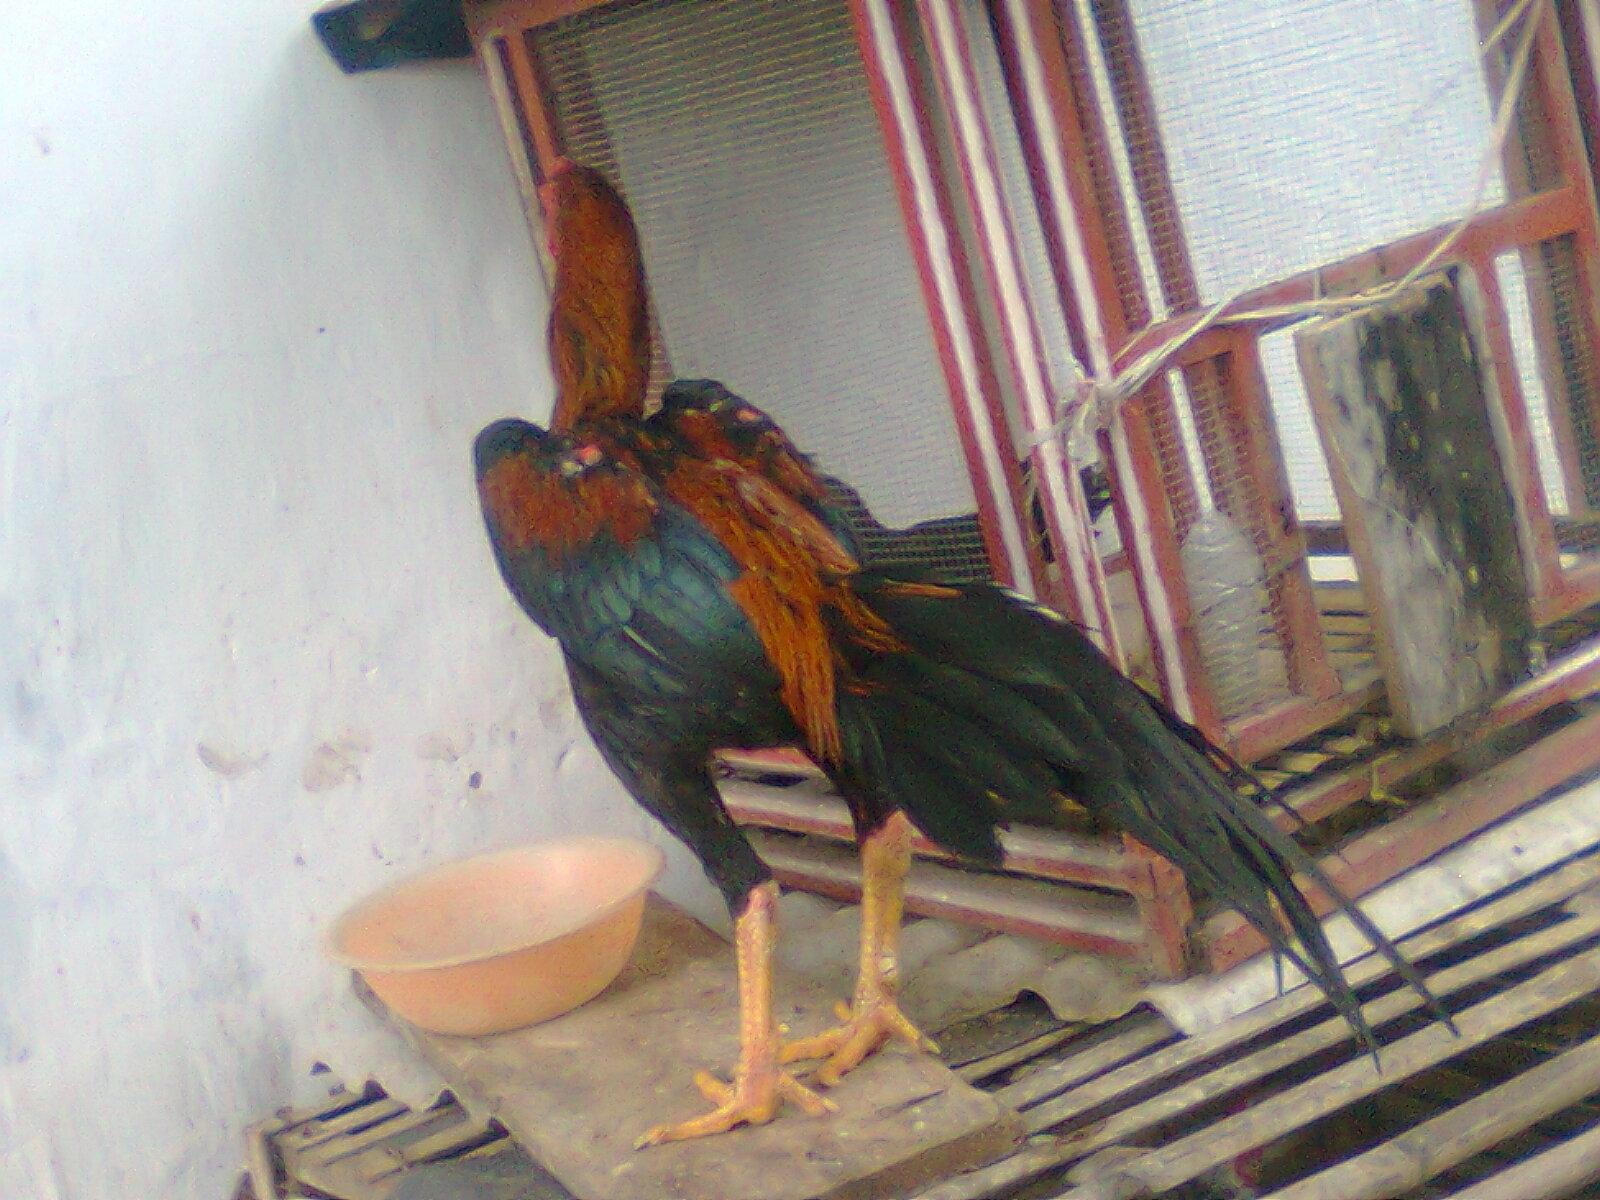 ayam aduan aduan mania bebotoh ayam ini ada kiriman jual ayam